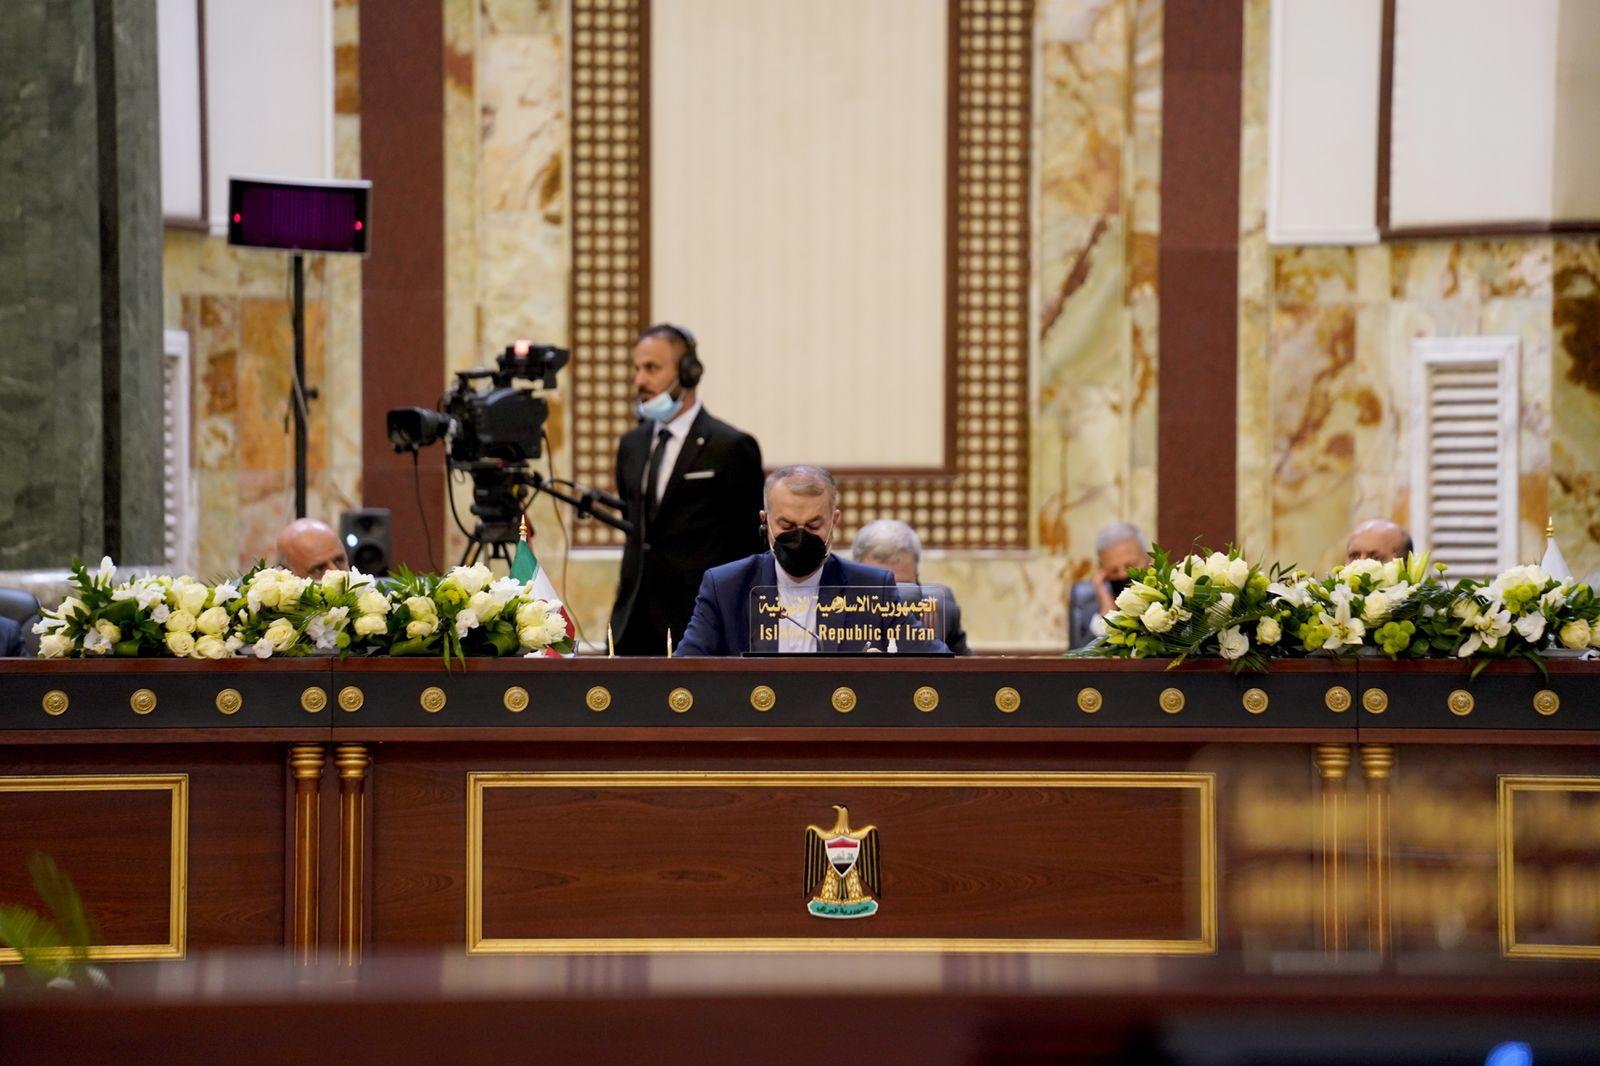 عبد اللهيان: أمن المنطقة لن يستتب إلا بالثقة المتبادلة وندعو لحوار بعيدا عن التدخلات الأجنبية